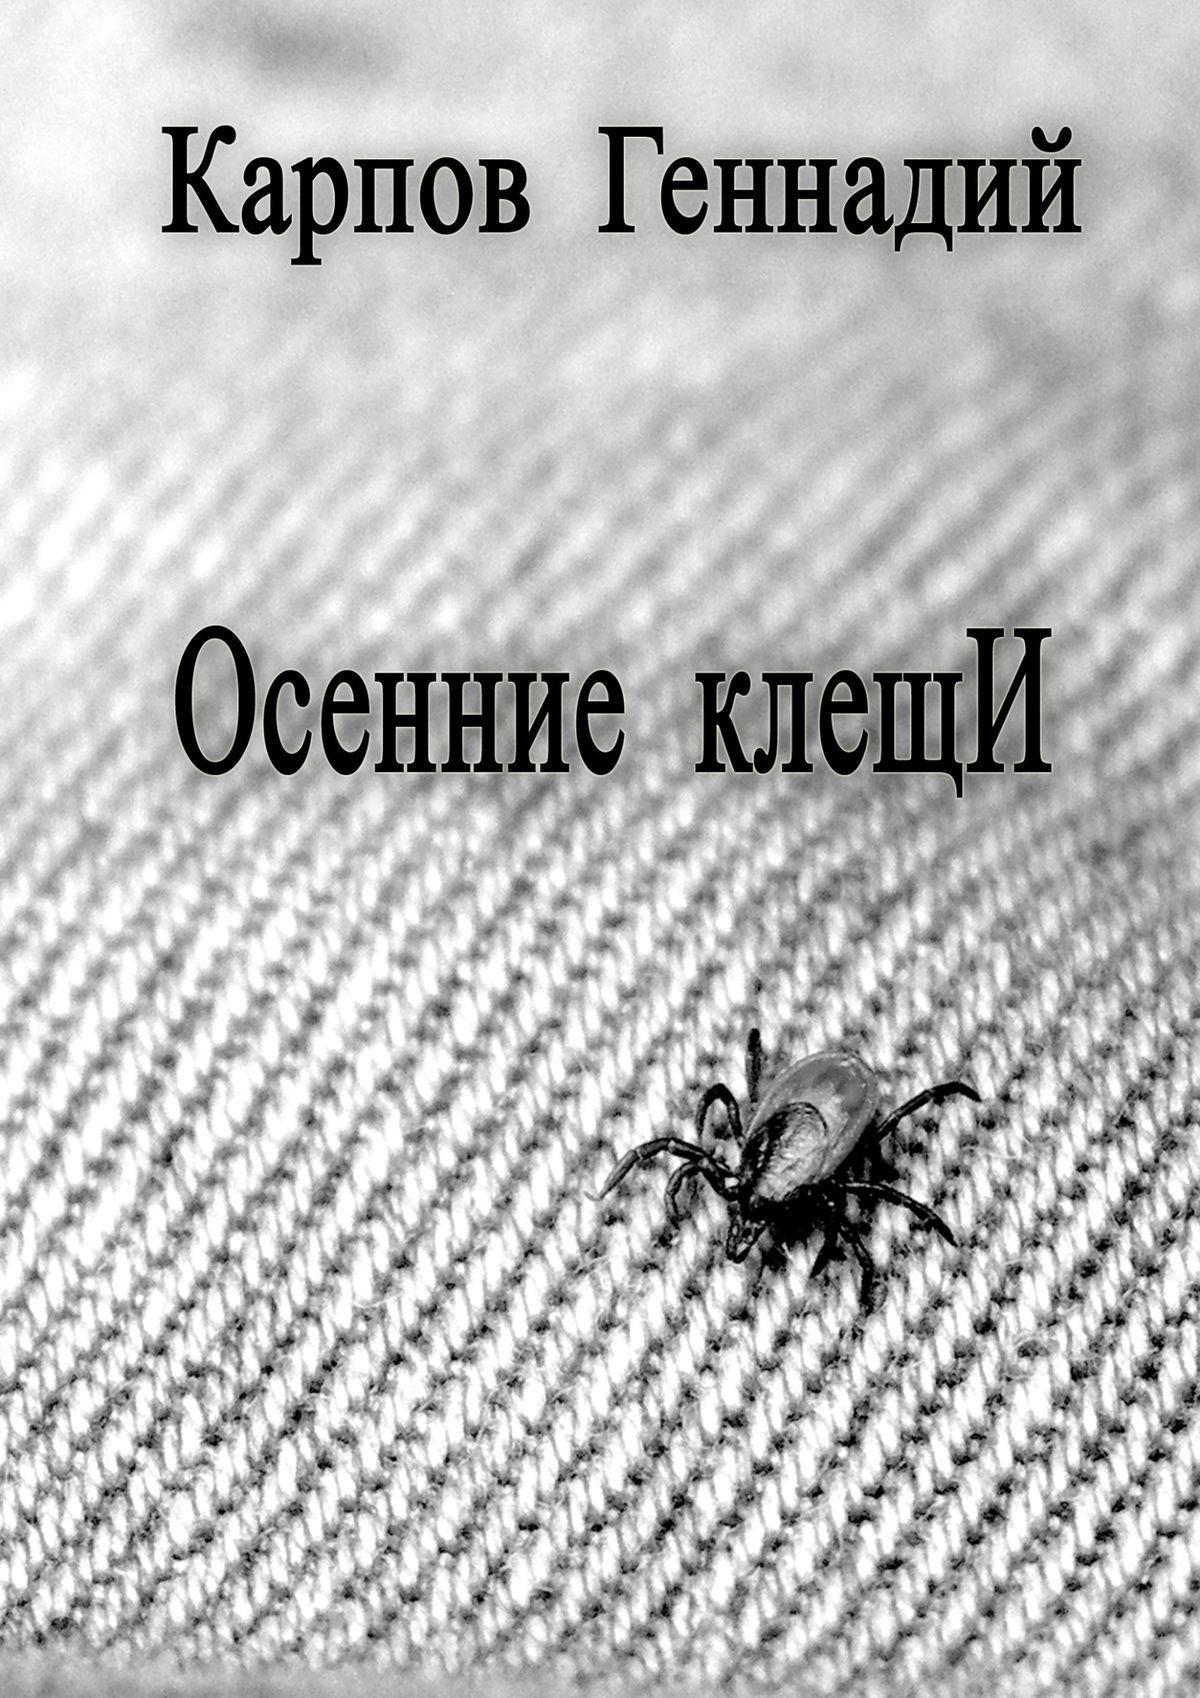 Геннадий Карпов Осенние клещИ лихачев д пер повесть временных лет